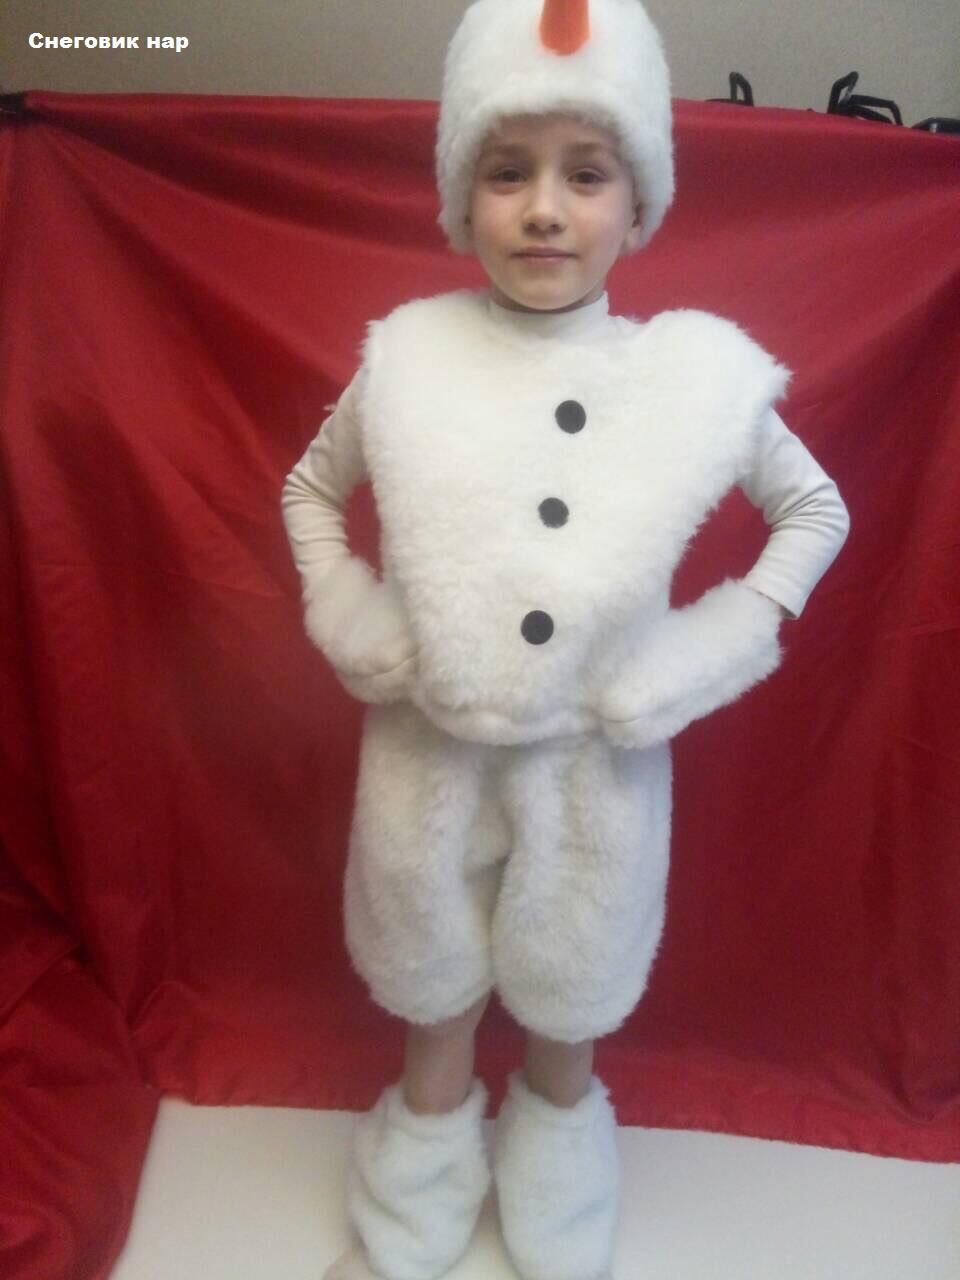 Новогодний костюм Снеговик нар, фото 1